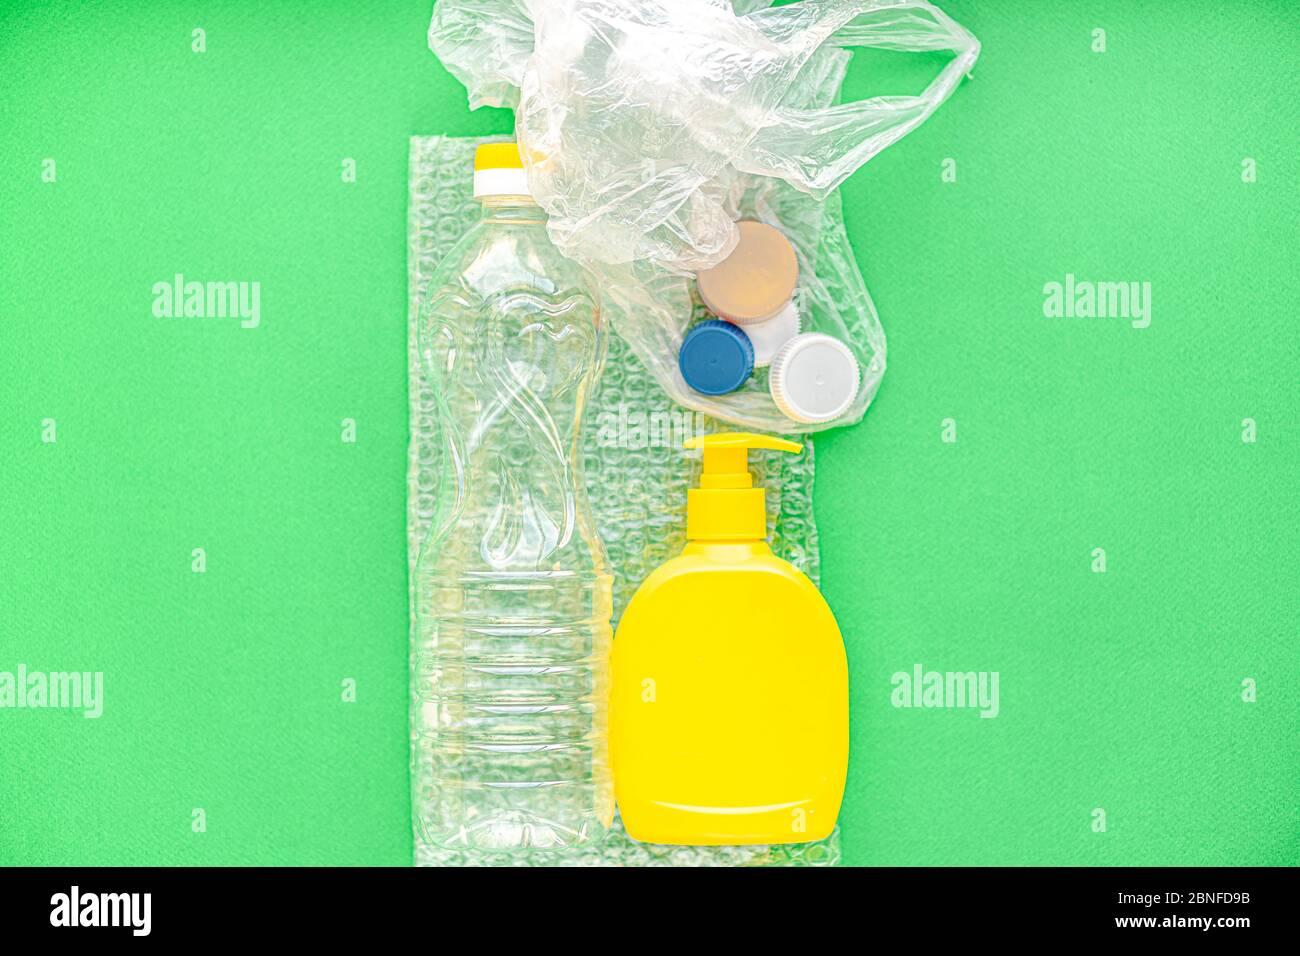 concepto de basura, ecología, separación de basura - disposición de la clasificación de residuos en diferentes tipos de plástico en un espacio de copia de fondo verde. Foto de stock